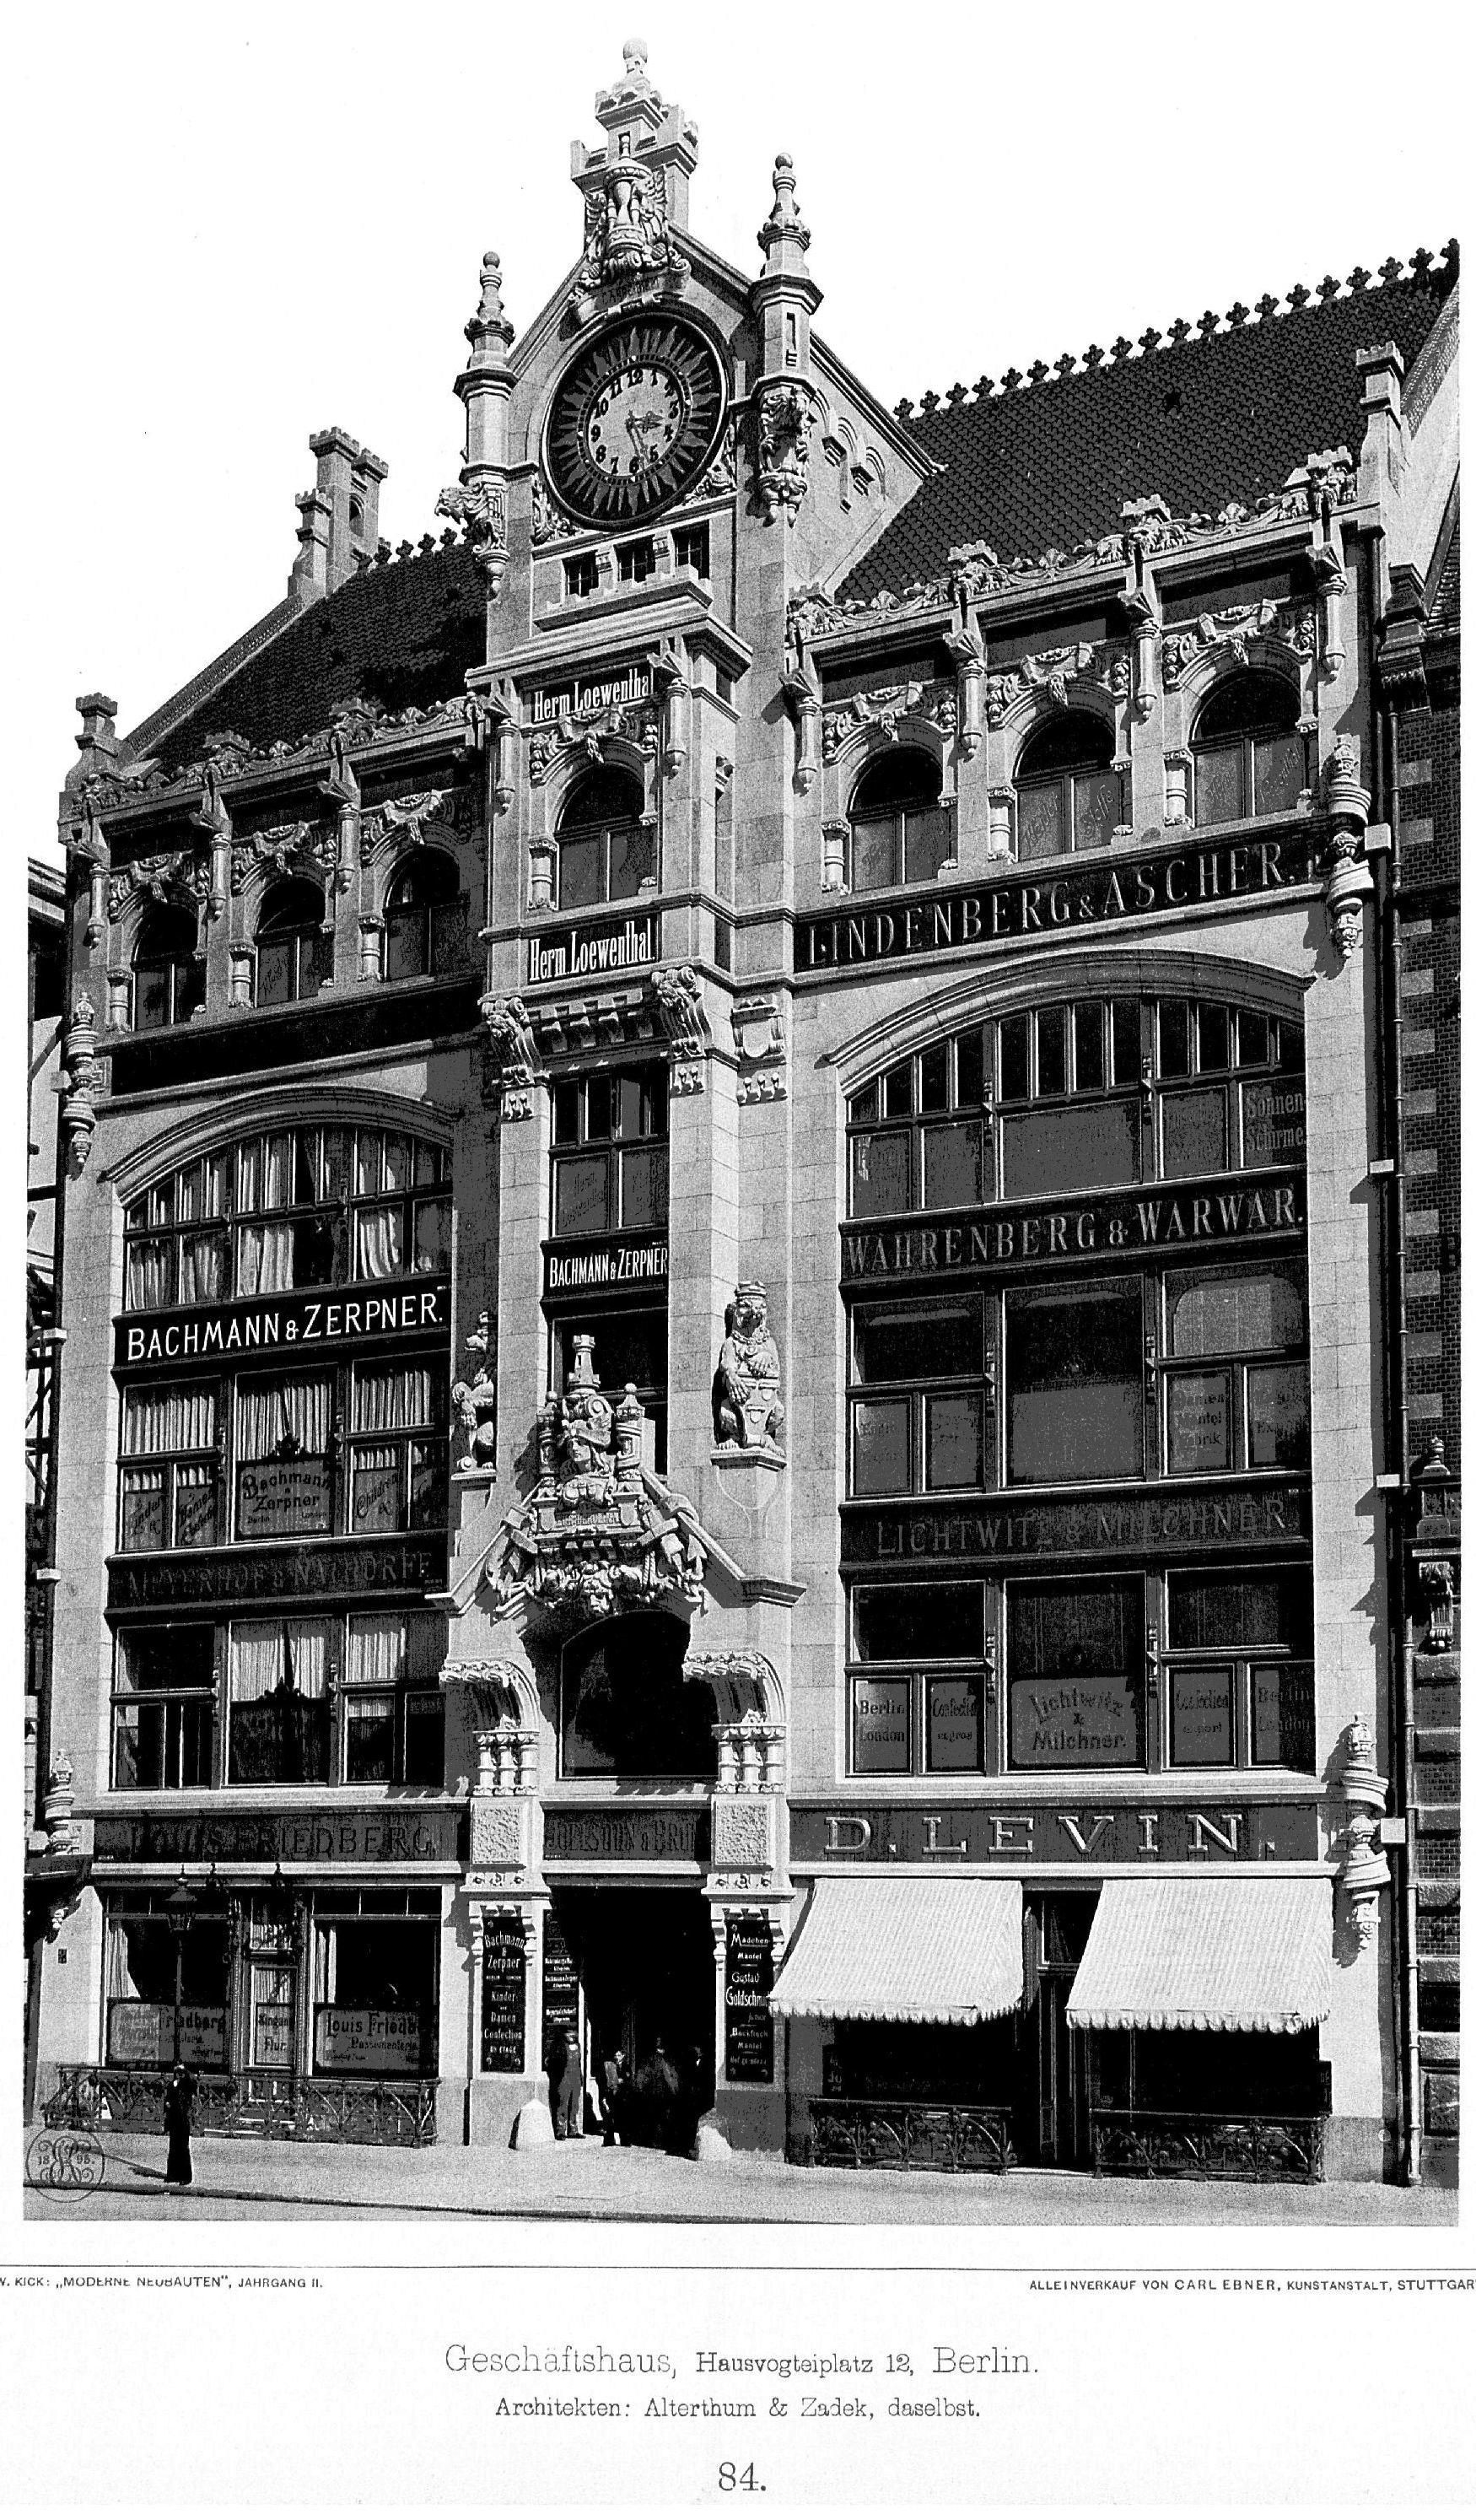 Datei gesch ftshaus hausvogteiplatz 12 berlin architekten alterthum zadek berlin tafel 84 - Architekten deutschland ...